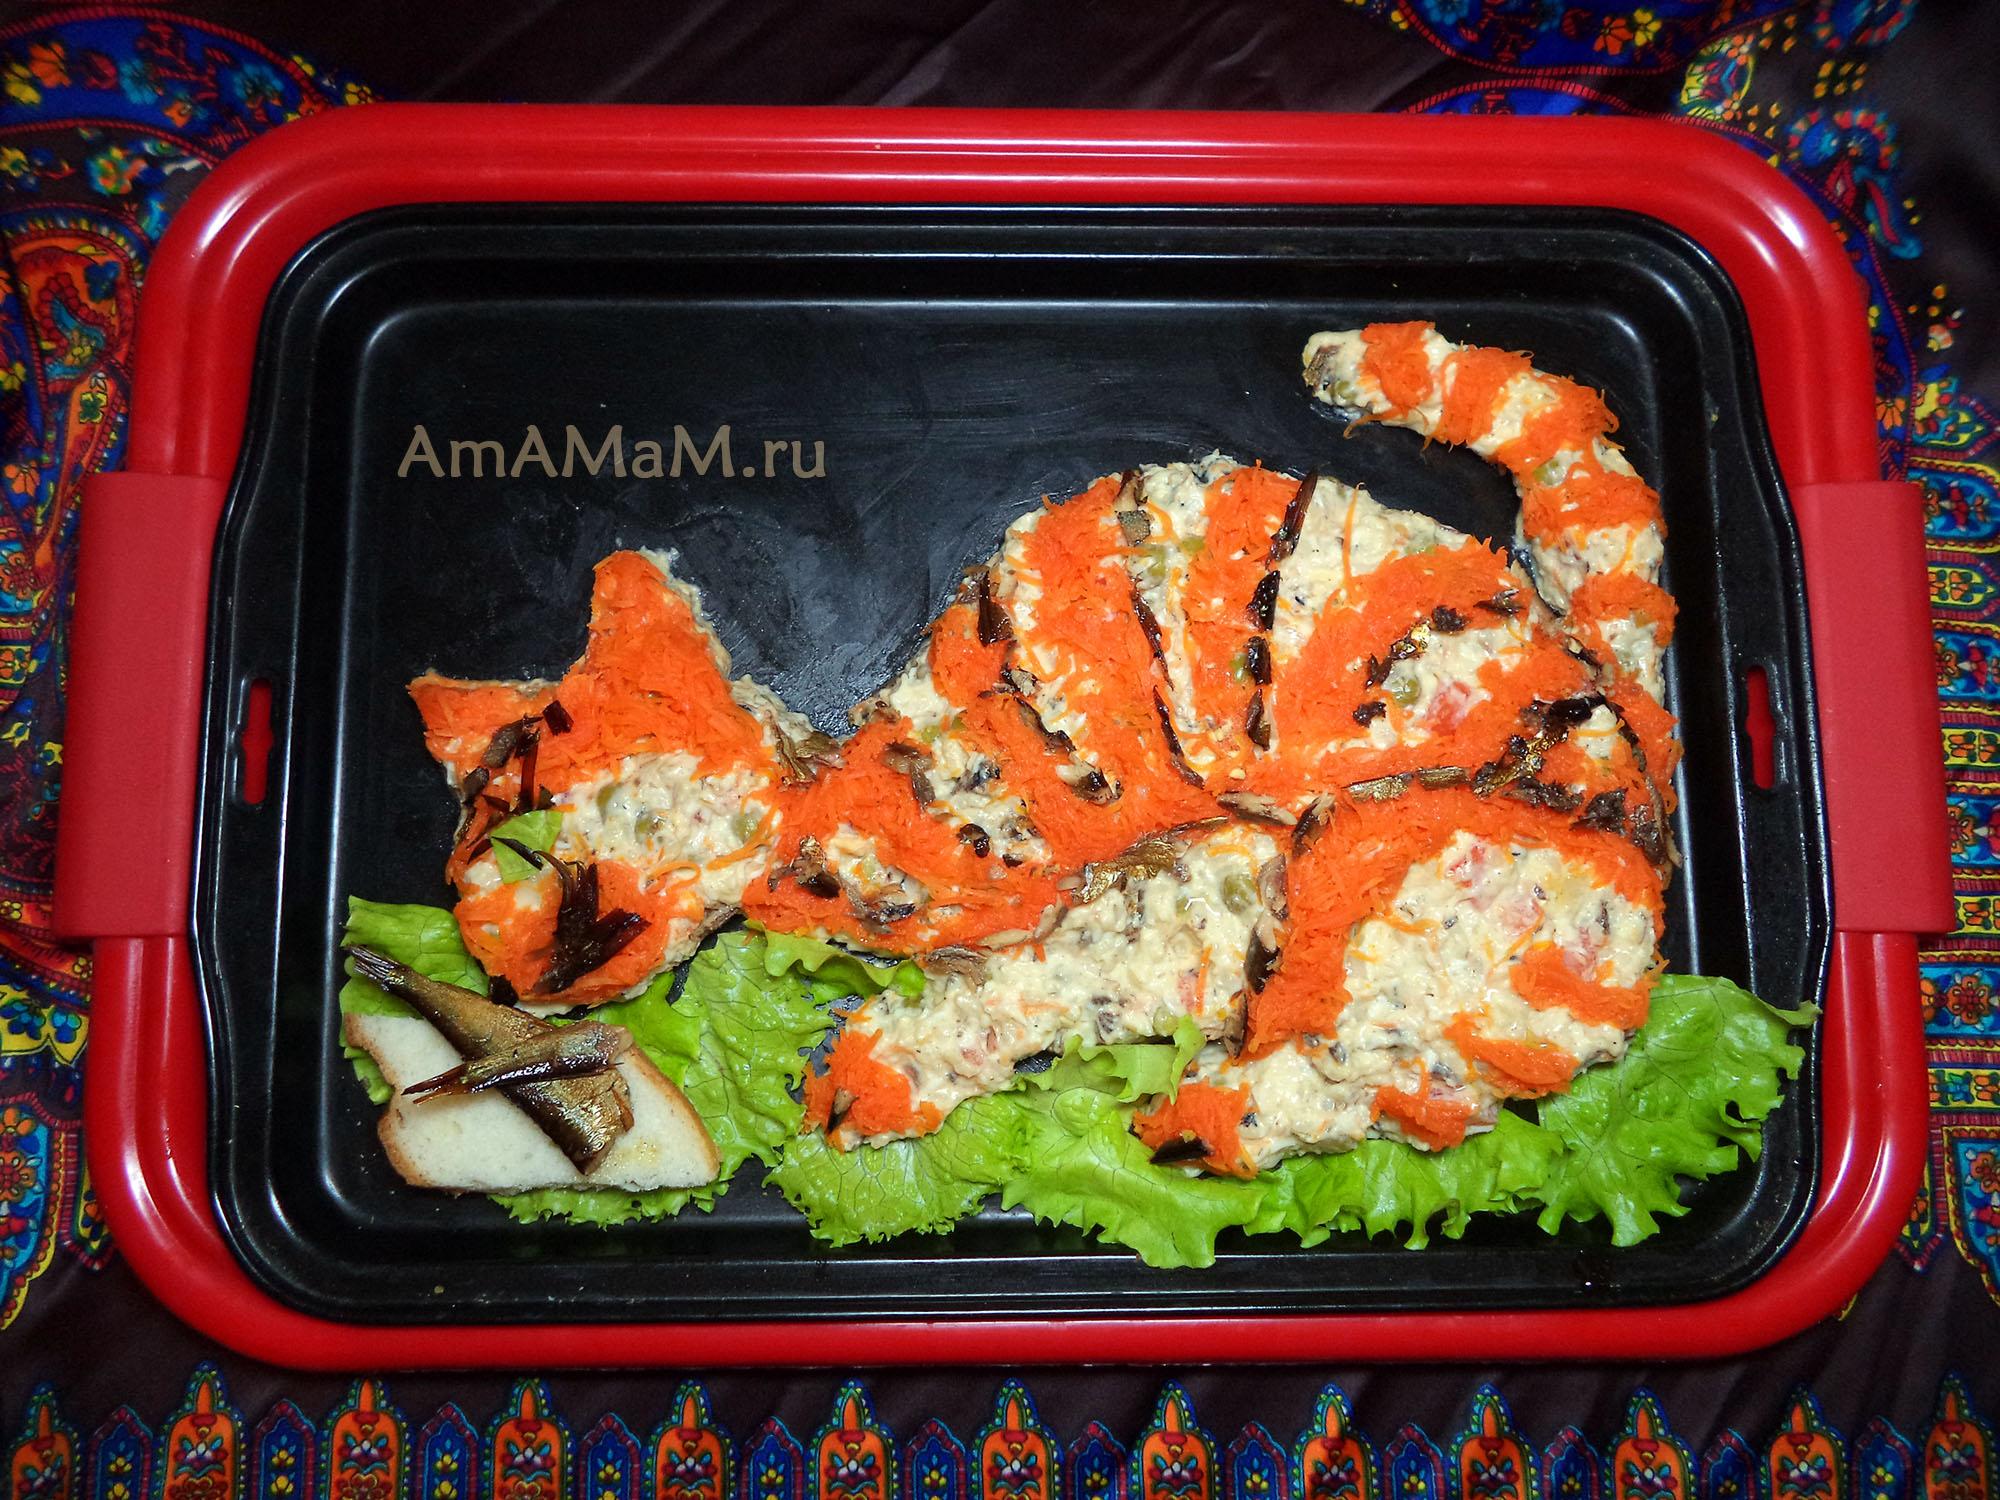 Рыба в томате рецепт с фото, пошаговое приготовление 2